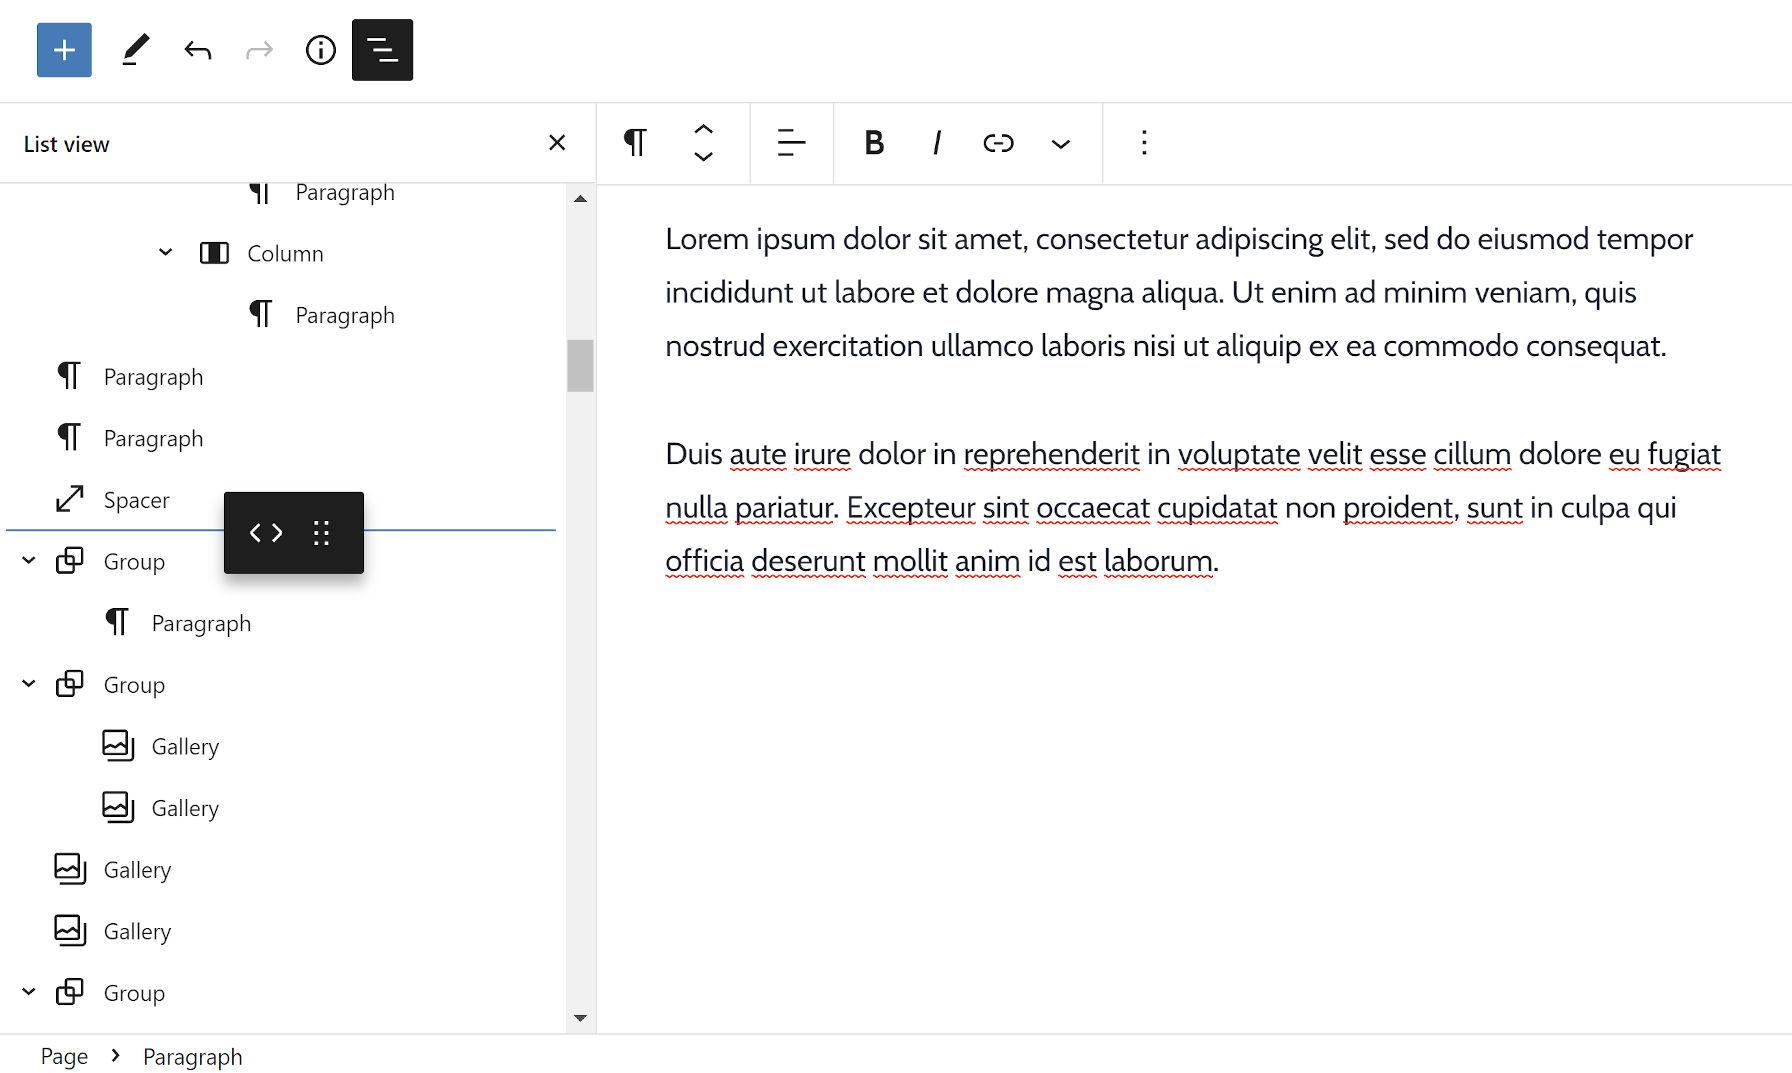 Faire glisser un bloc d'une zone à une autre dans la vue de liste de l'éditeur de blocs.